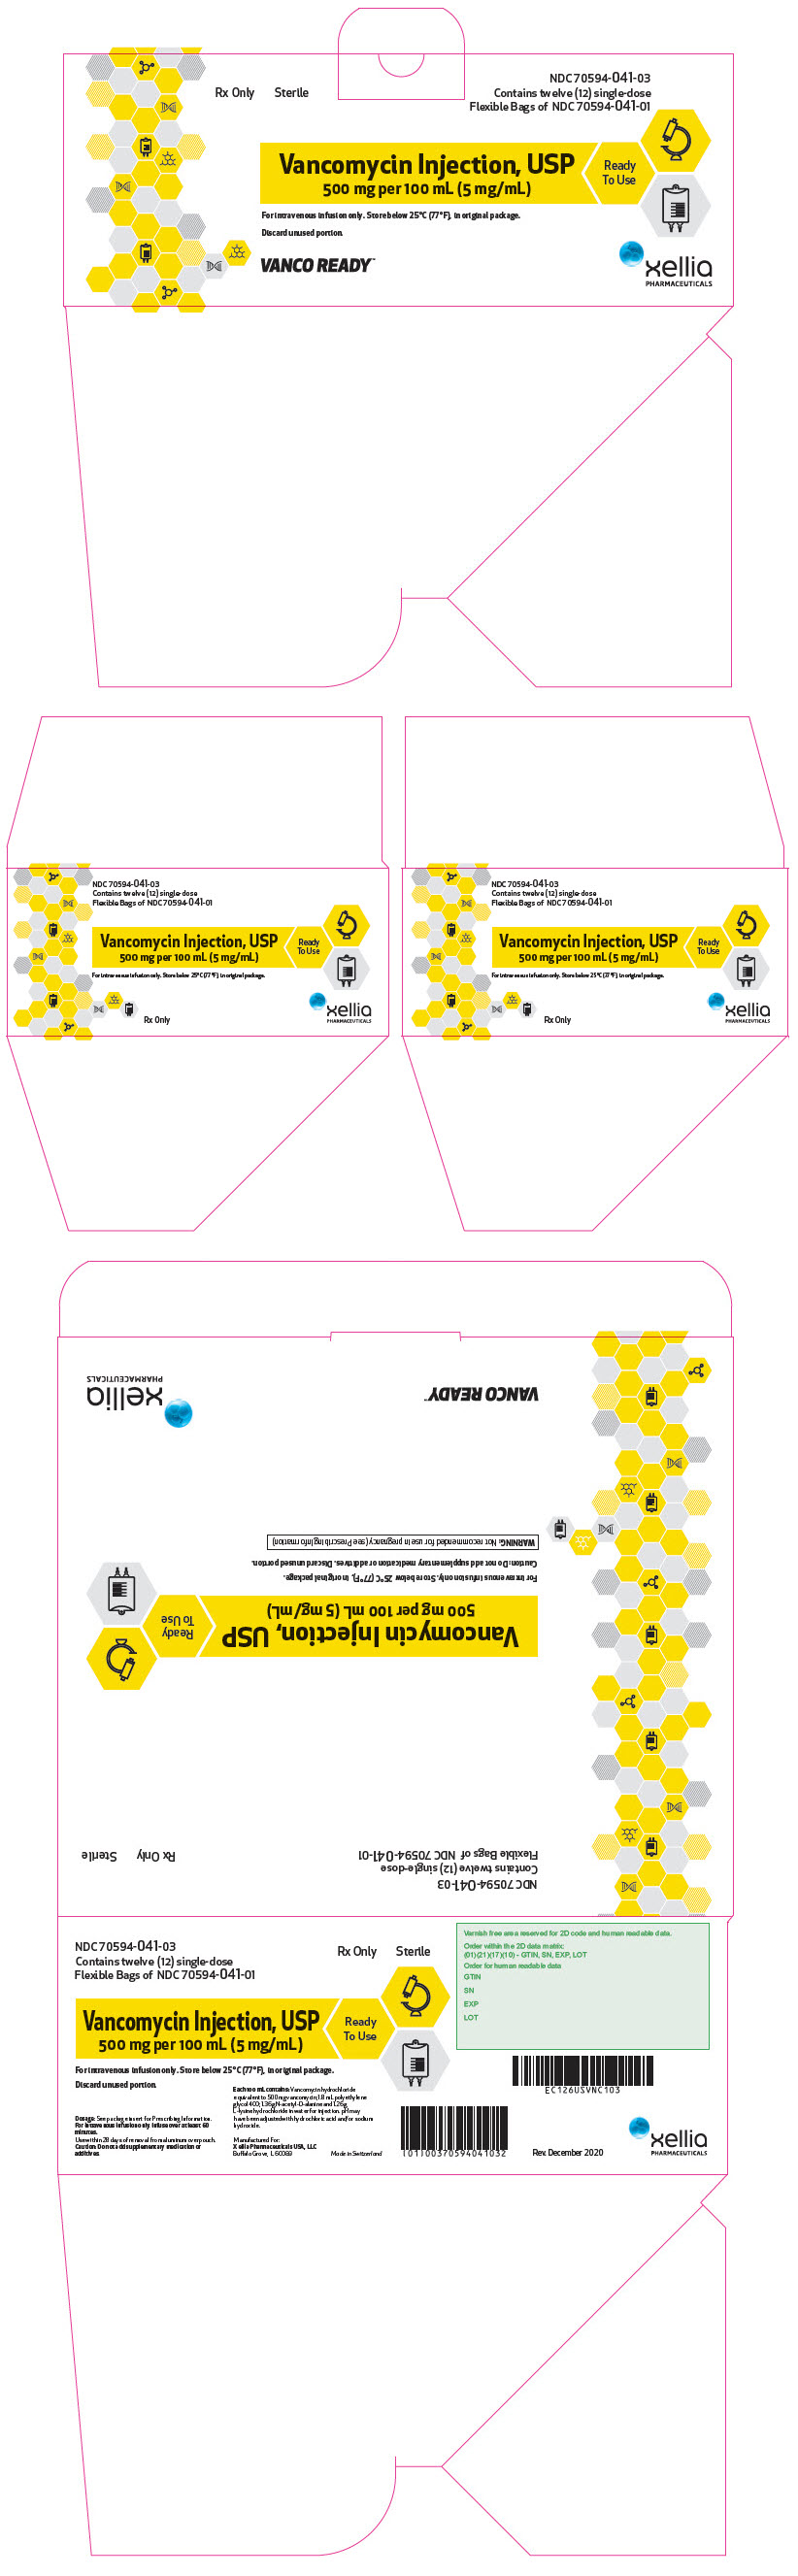 PRINCIPAL DISPLAY PANEL - 200 mL Bag Carton